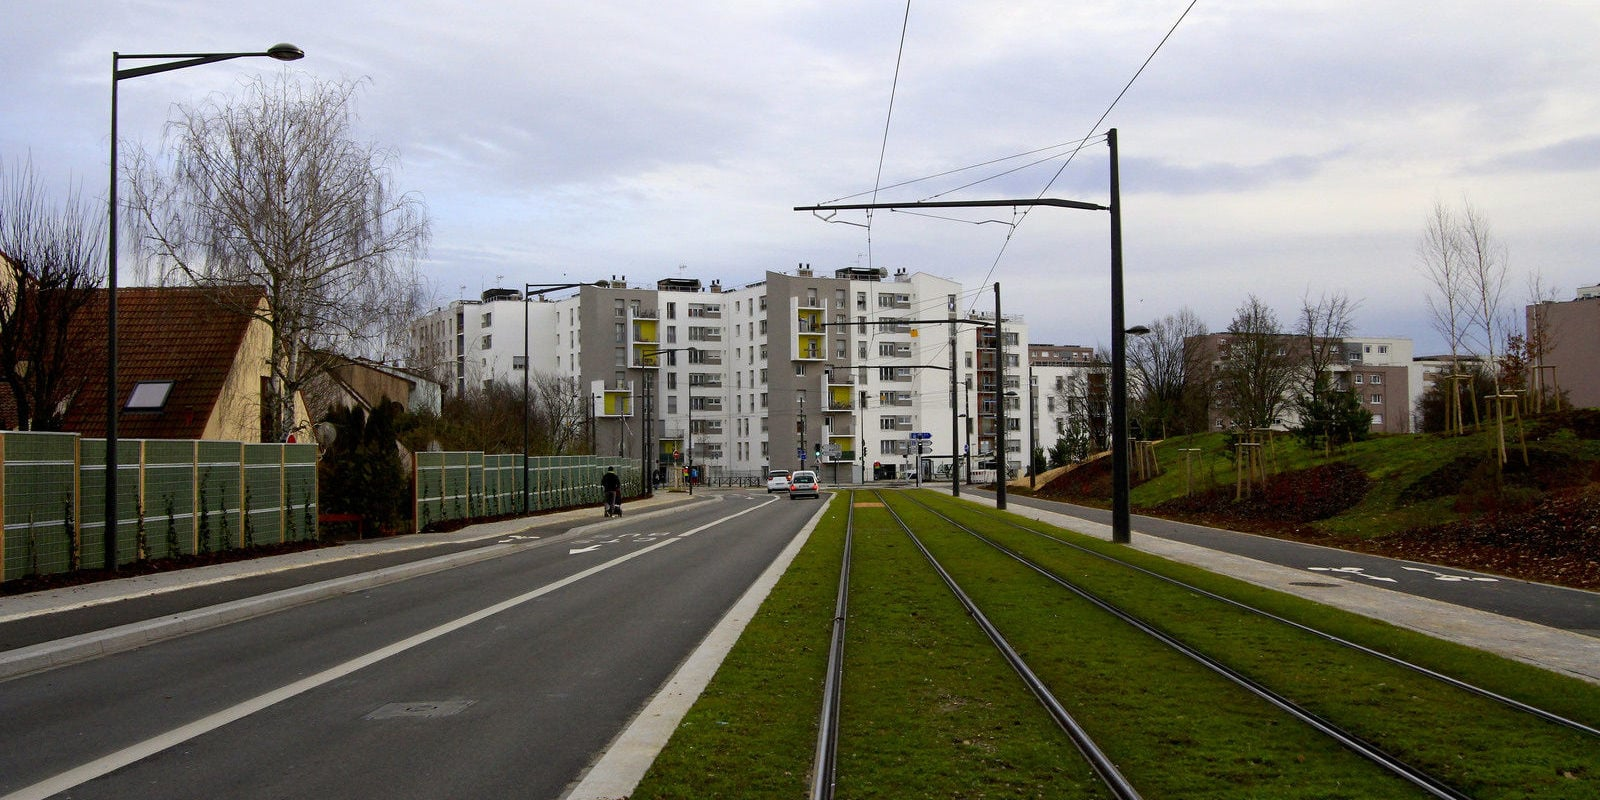 Rue89 Strasbourg va se connecter à Hautepierre, l'Elsau et au quartier Gare